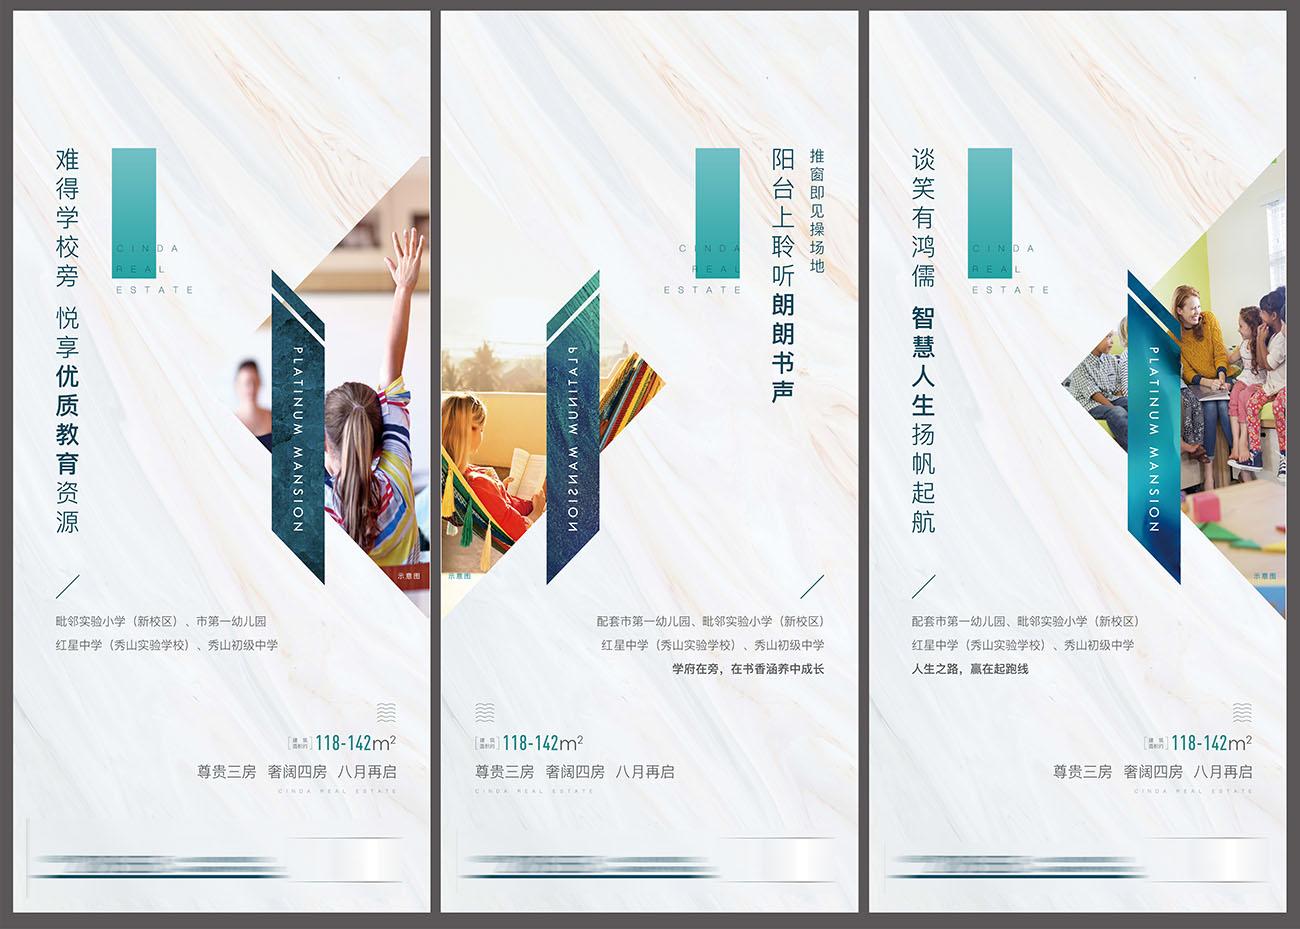 地产系列教育价值点系列海报AI源文件插图